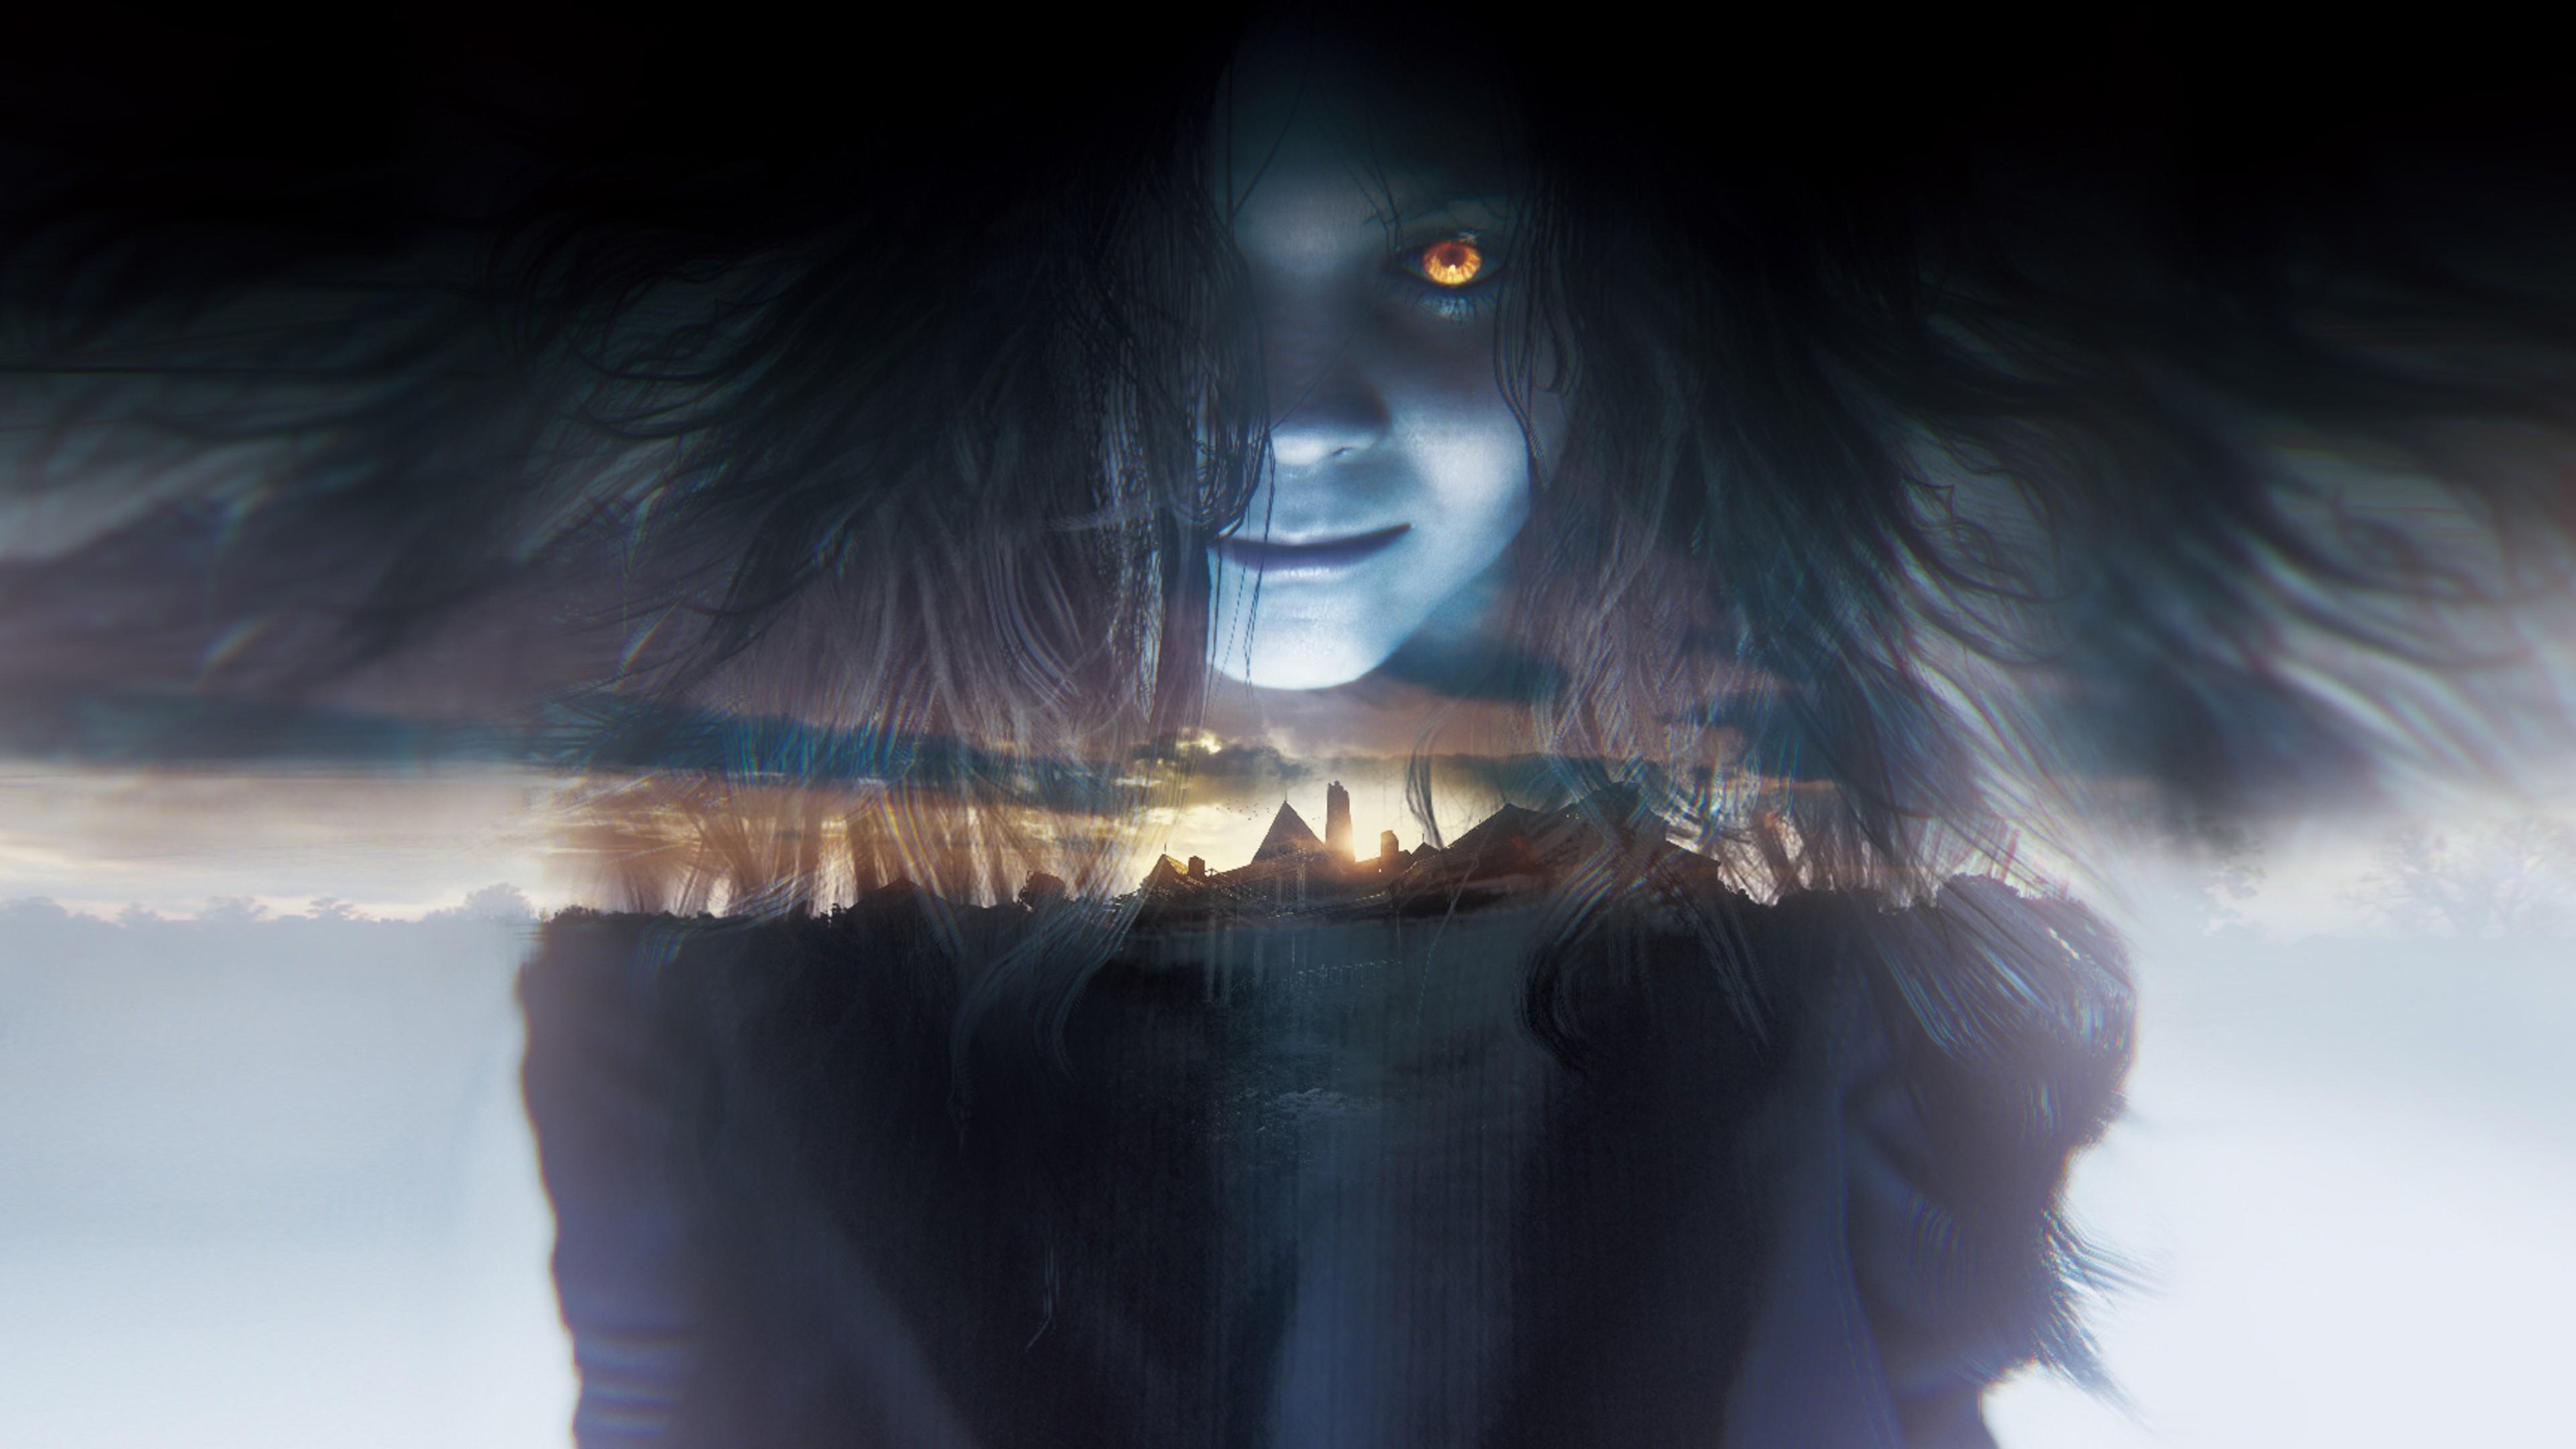 Wallpaper Resident Evil 7: Biohazard, poster, 4k, Games #16259